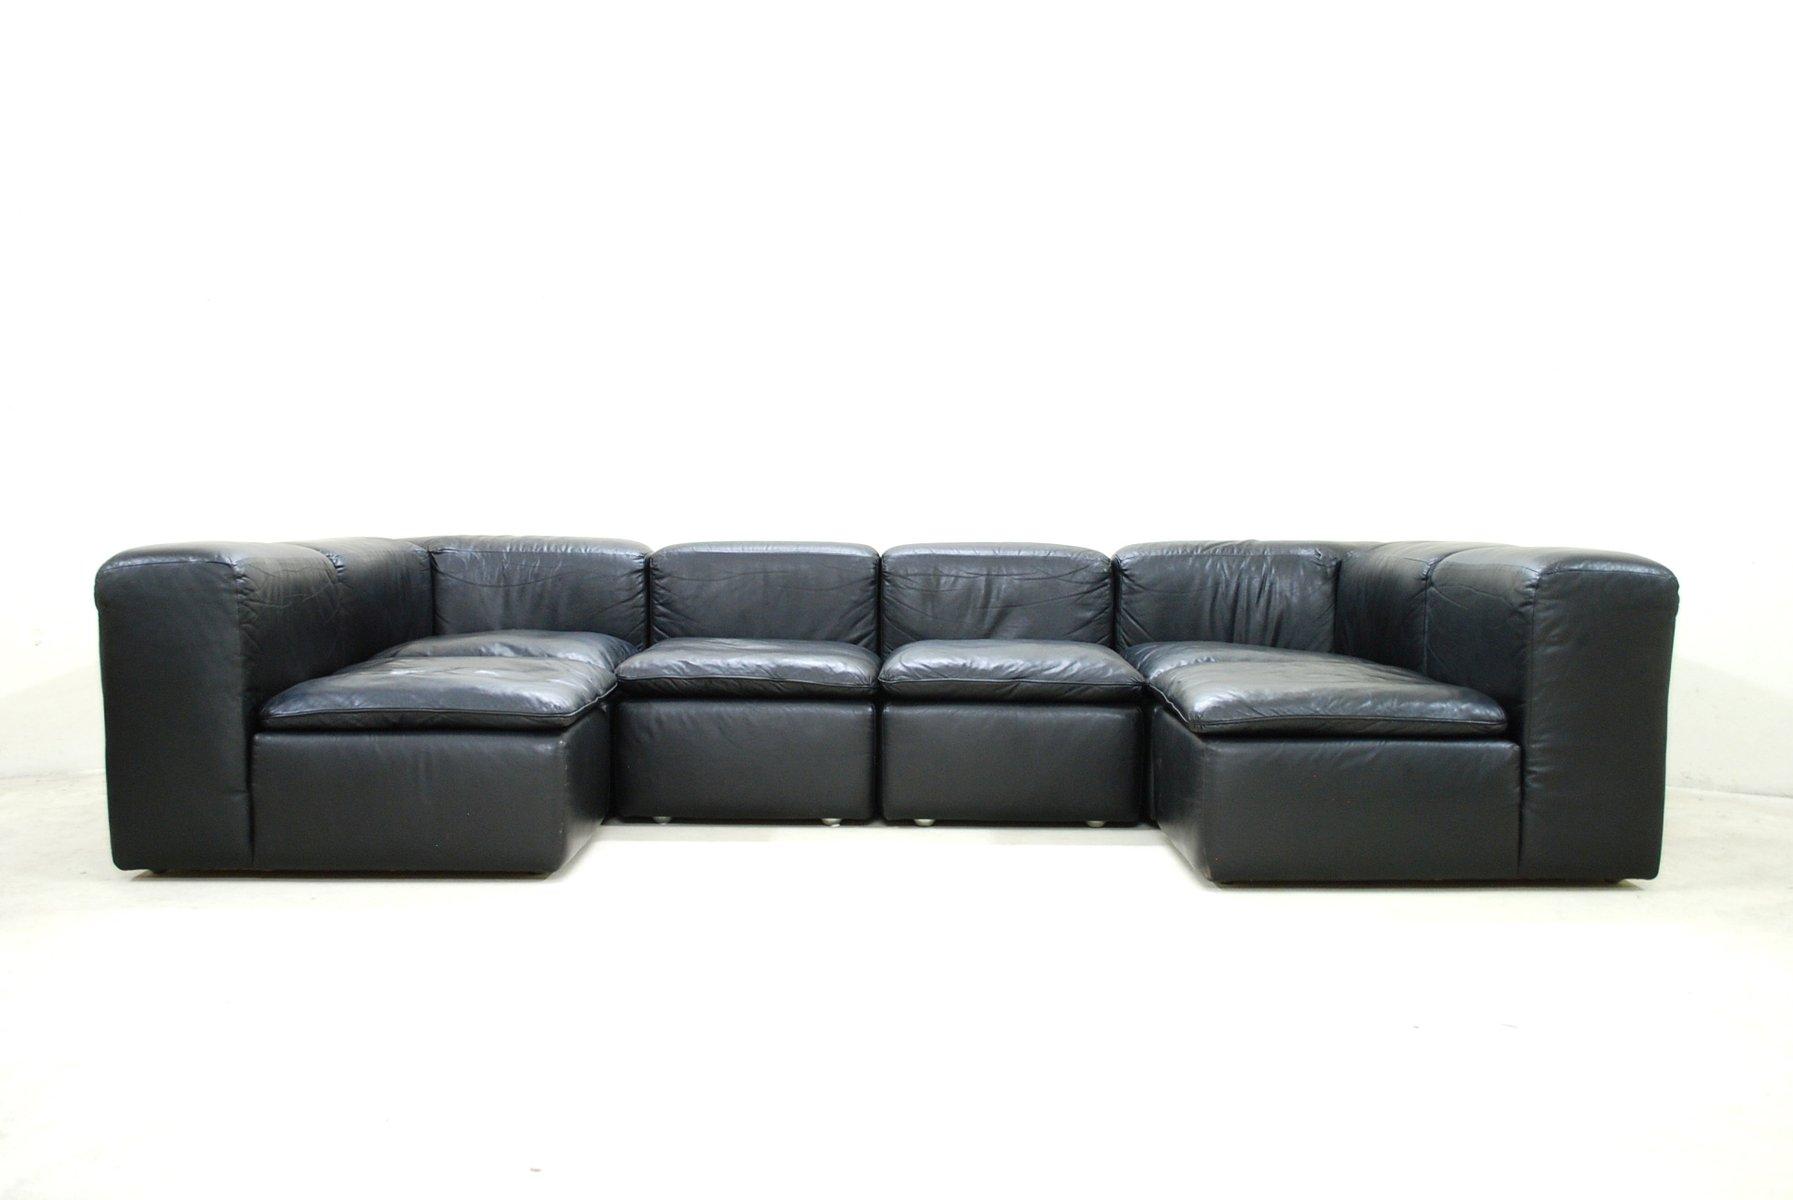 modular black cube design wk 550 leather sofa by ernst martin dettinger for wk m bel for sale at. Black Bedroom Furniture Sets. Home Design Ideas